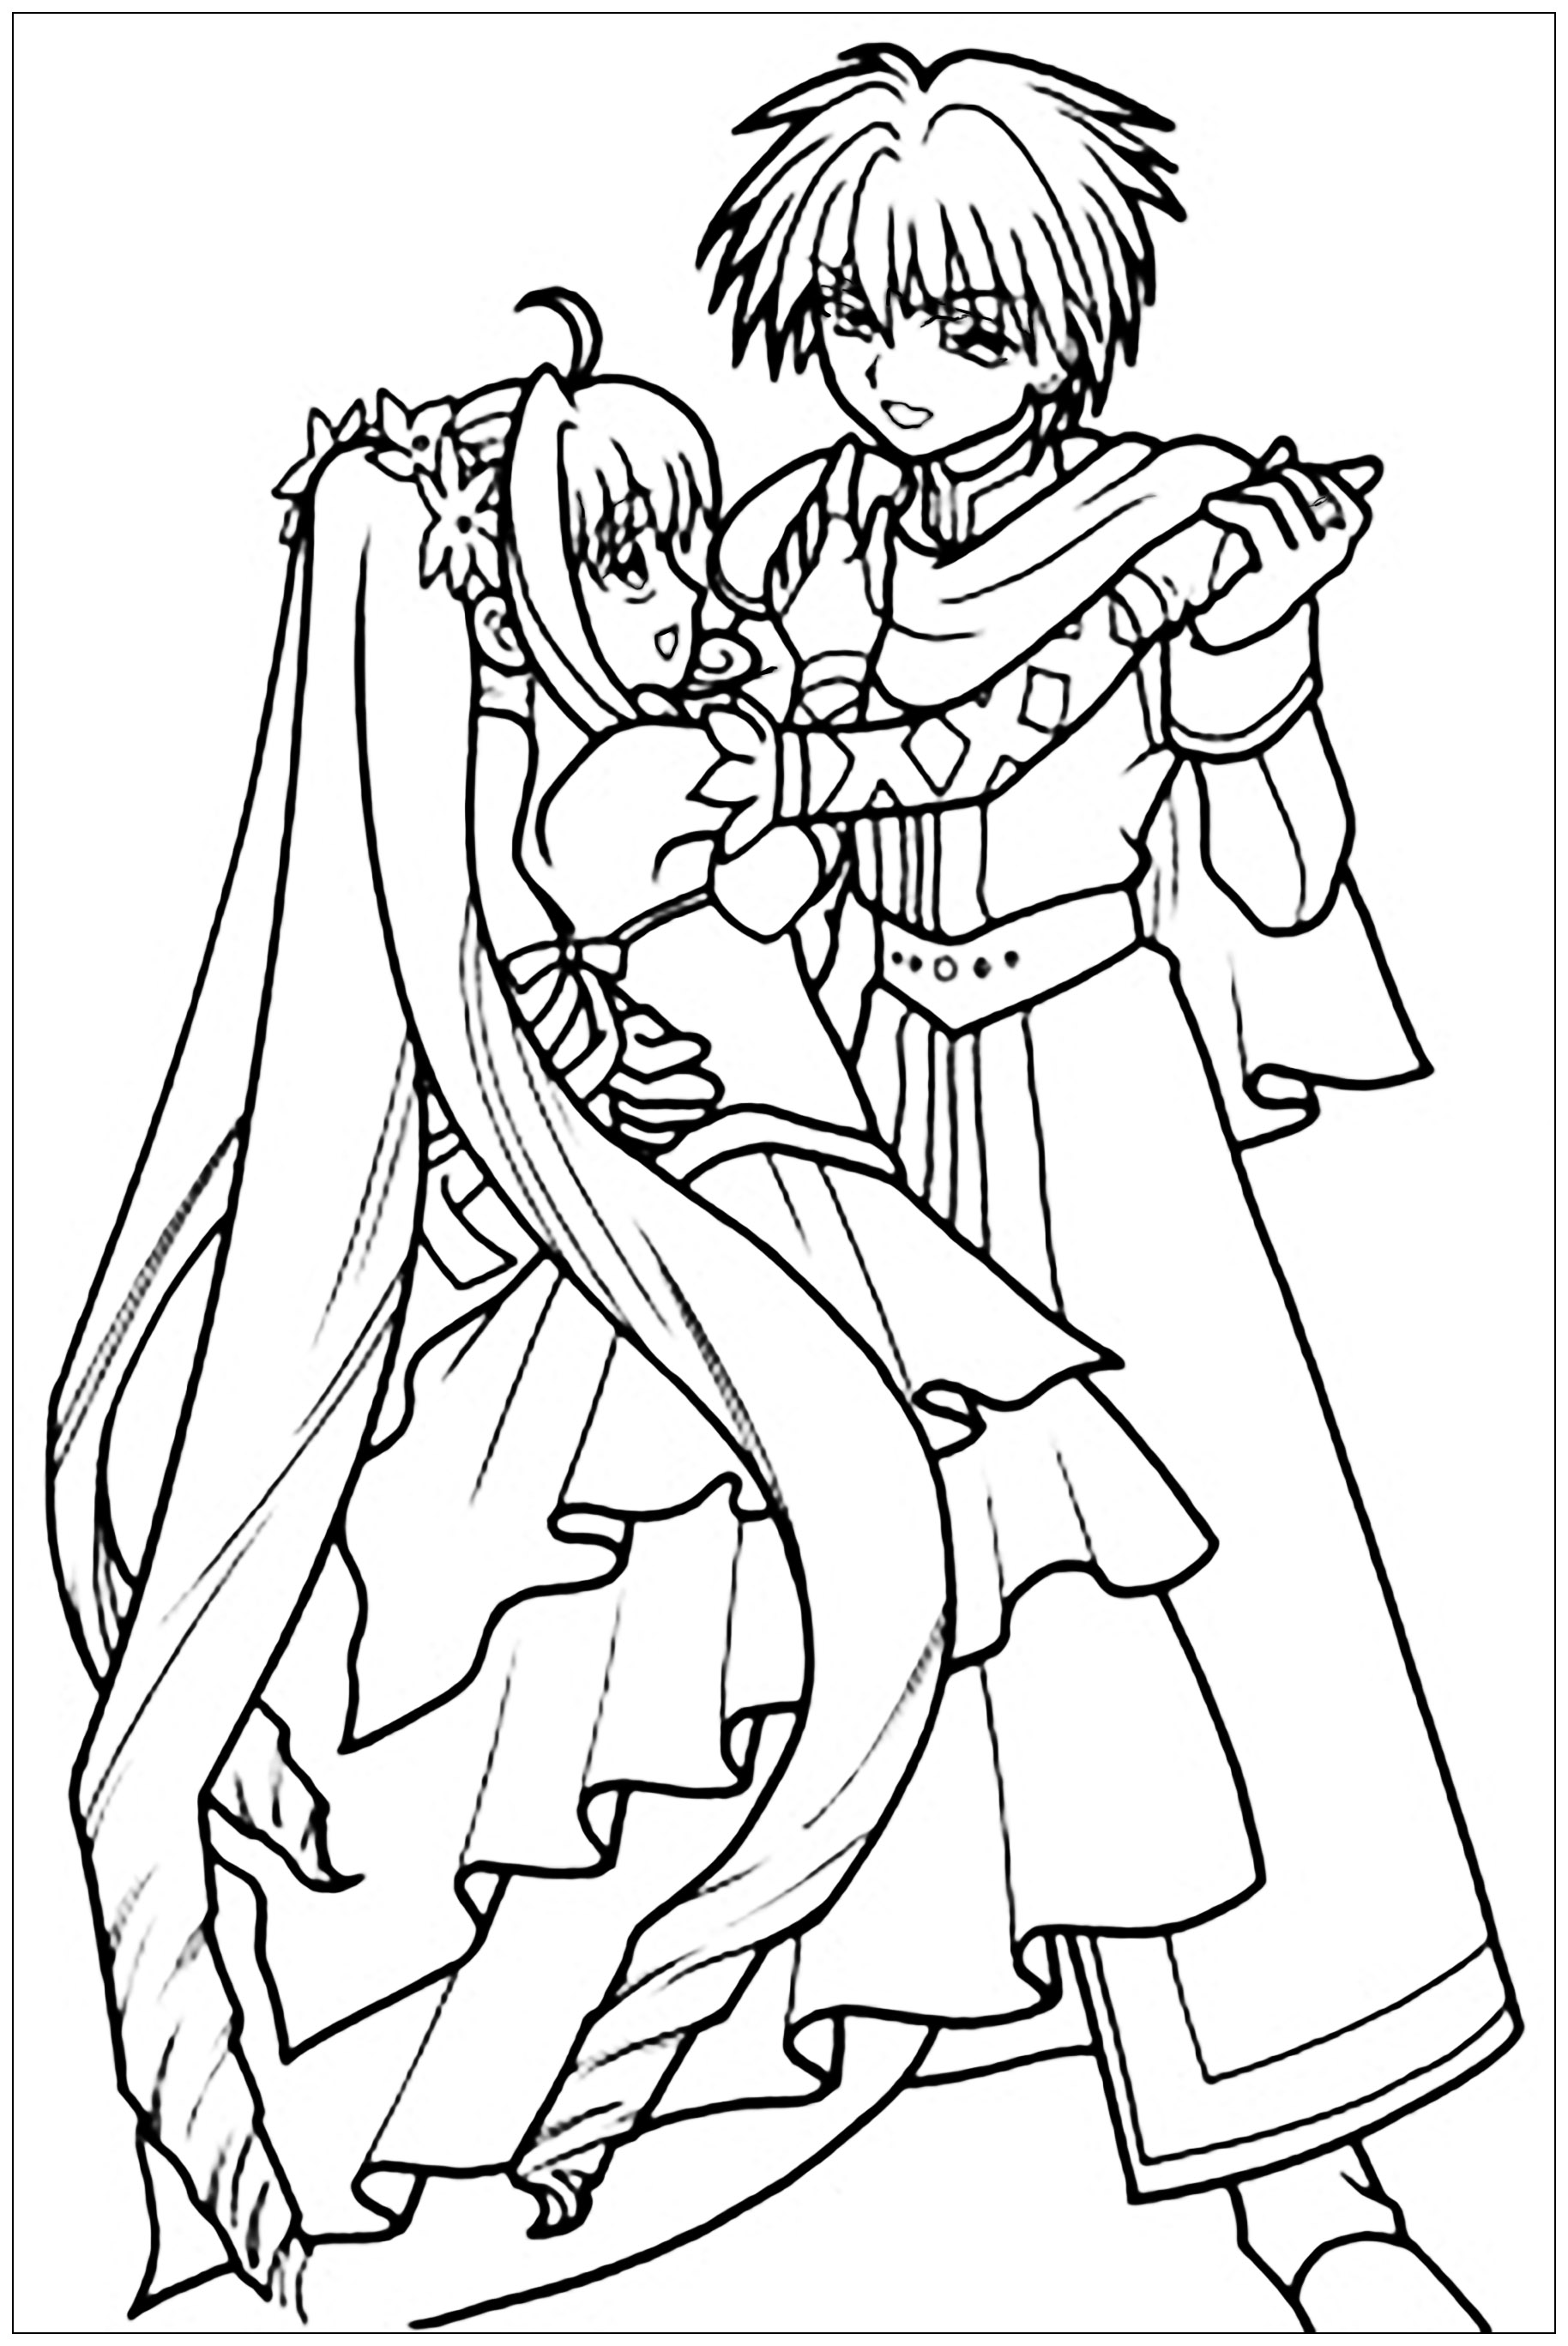 Un dessin au style Manga d'une jeune fille et d'un jeune garçon en train de danser, en tenue de balA partir de la galerie : Mangas